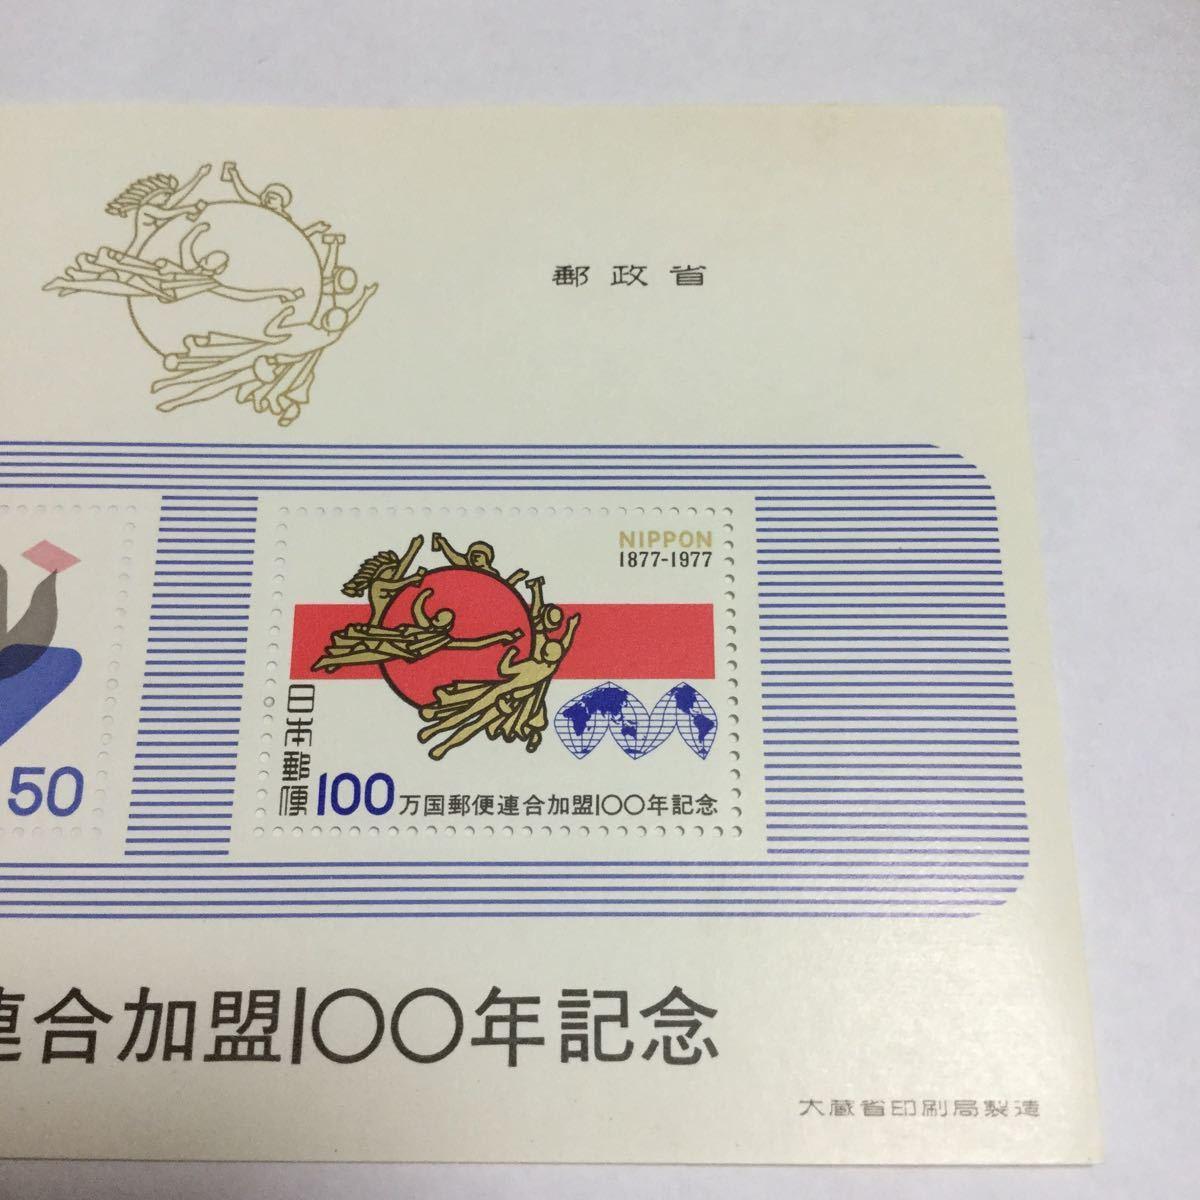 【未使用】万国郵便連合加盟100年記念 切手シート 1977年 記念切手 大蔵省印刷局製造 小型シート 50円 100円_画像3